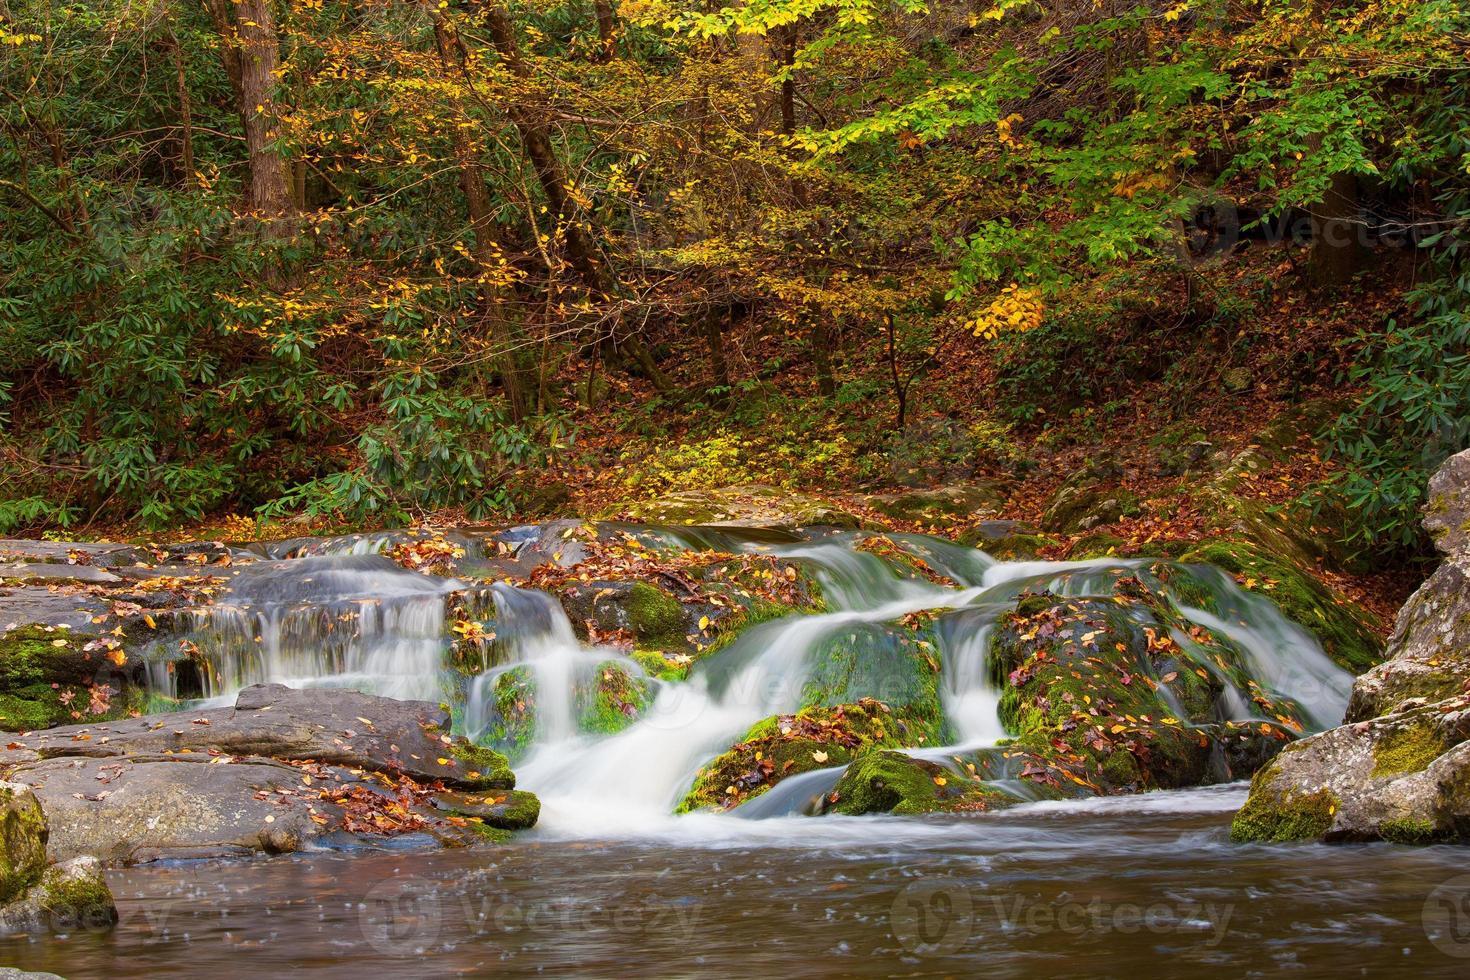 caída de agua foto